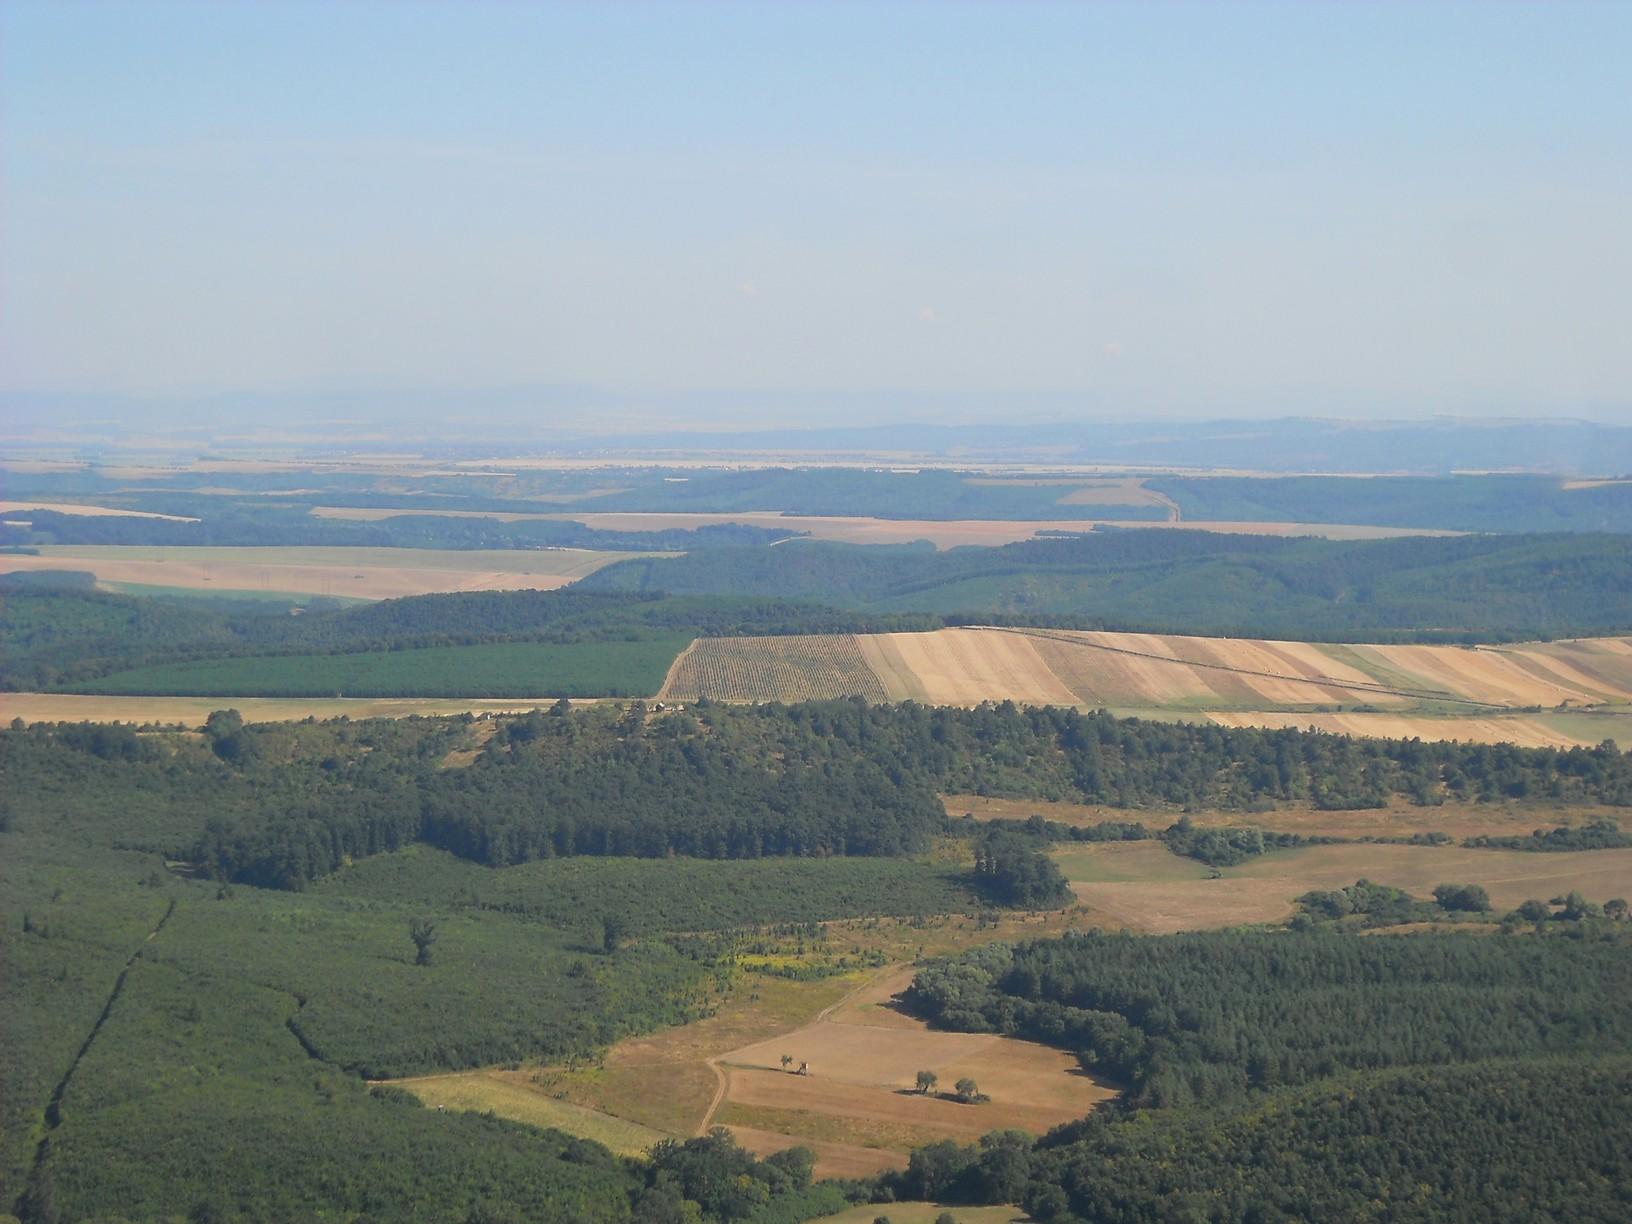 Kilátás a Naszály gerincéről észak felé, a mai úti cél irányába